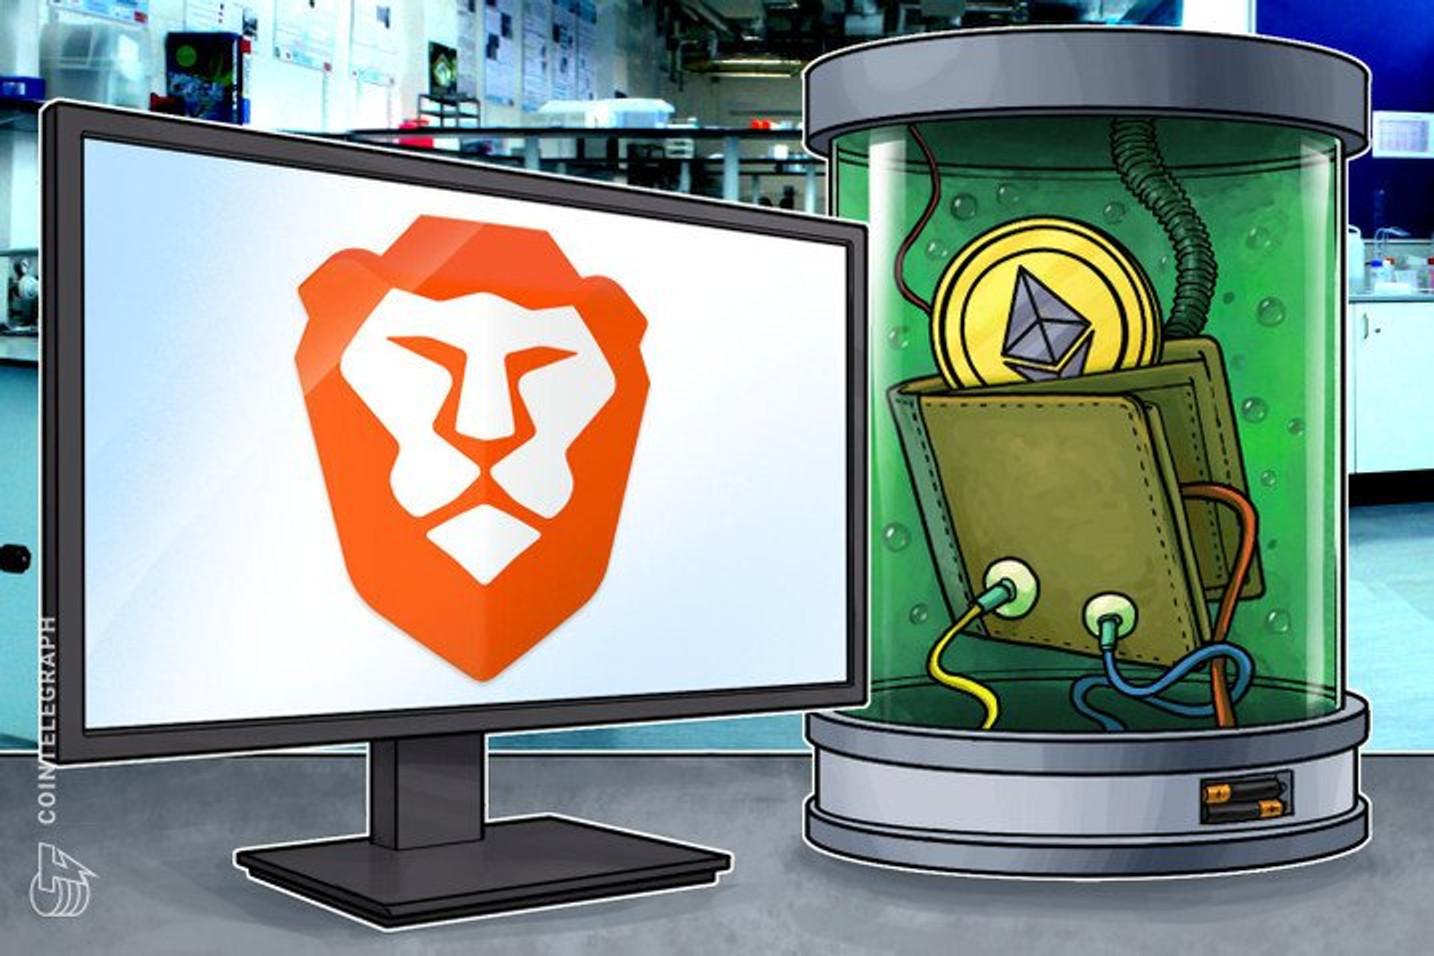 O token BAT registrou um aumento de 54% nas transações após o anúncio com a Binance